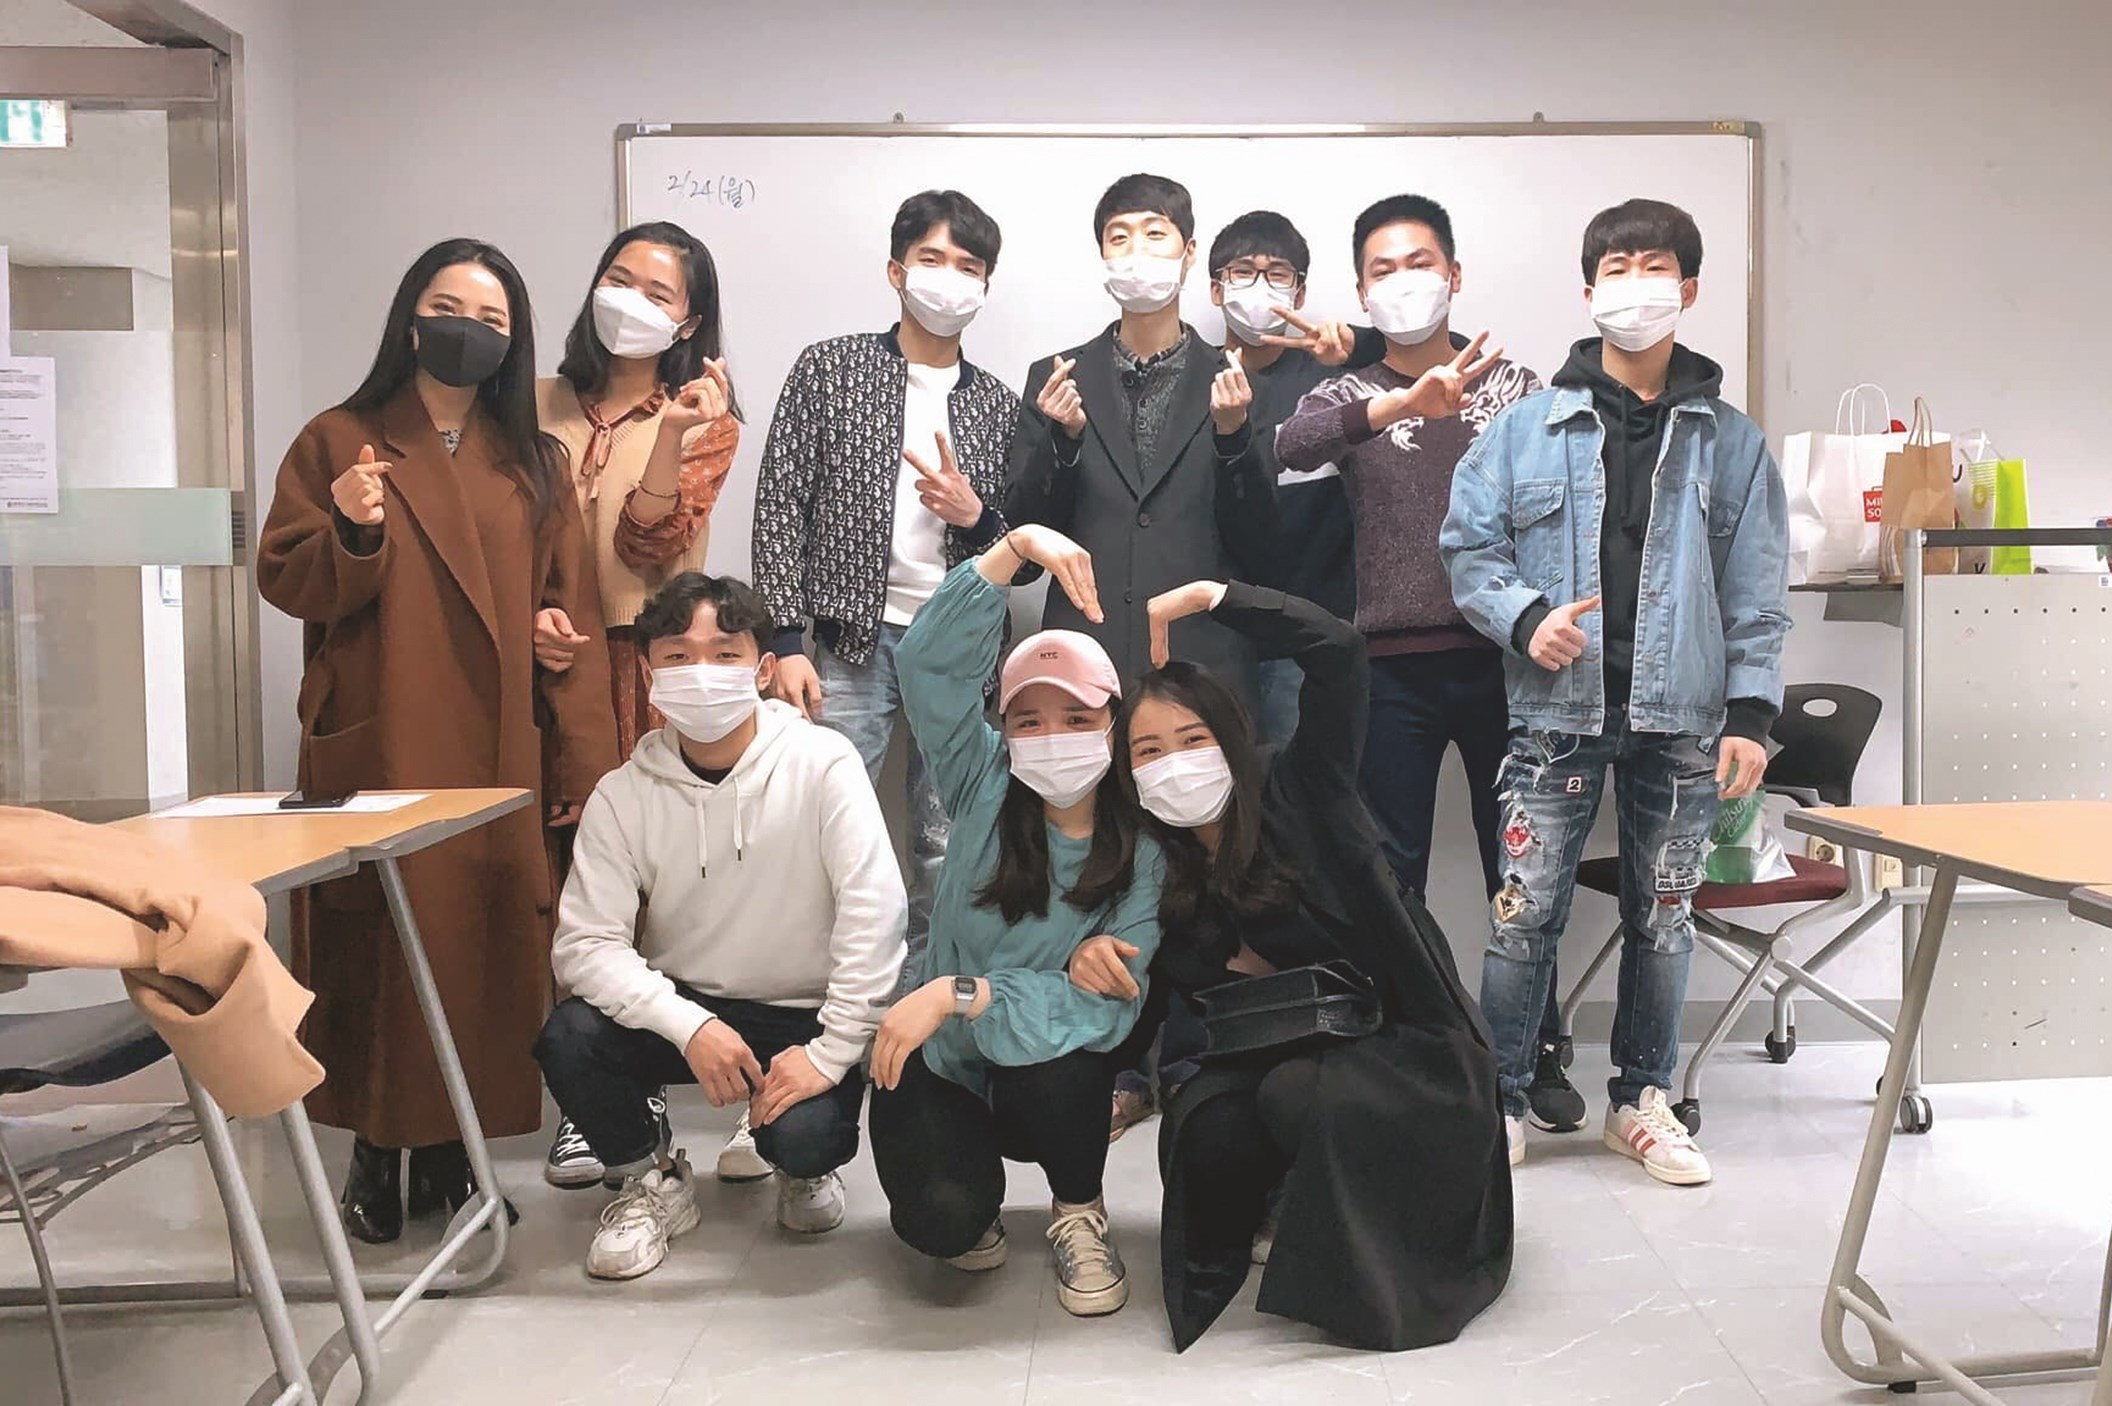 Cộng đồng người Việt Nam tại Hàn Quốc luôn sẵn sàng đoàn kết, giúp đỡ lẫn nhau để vượt qua khó khăn